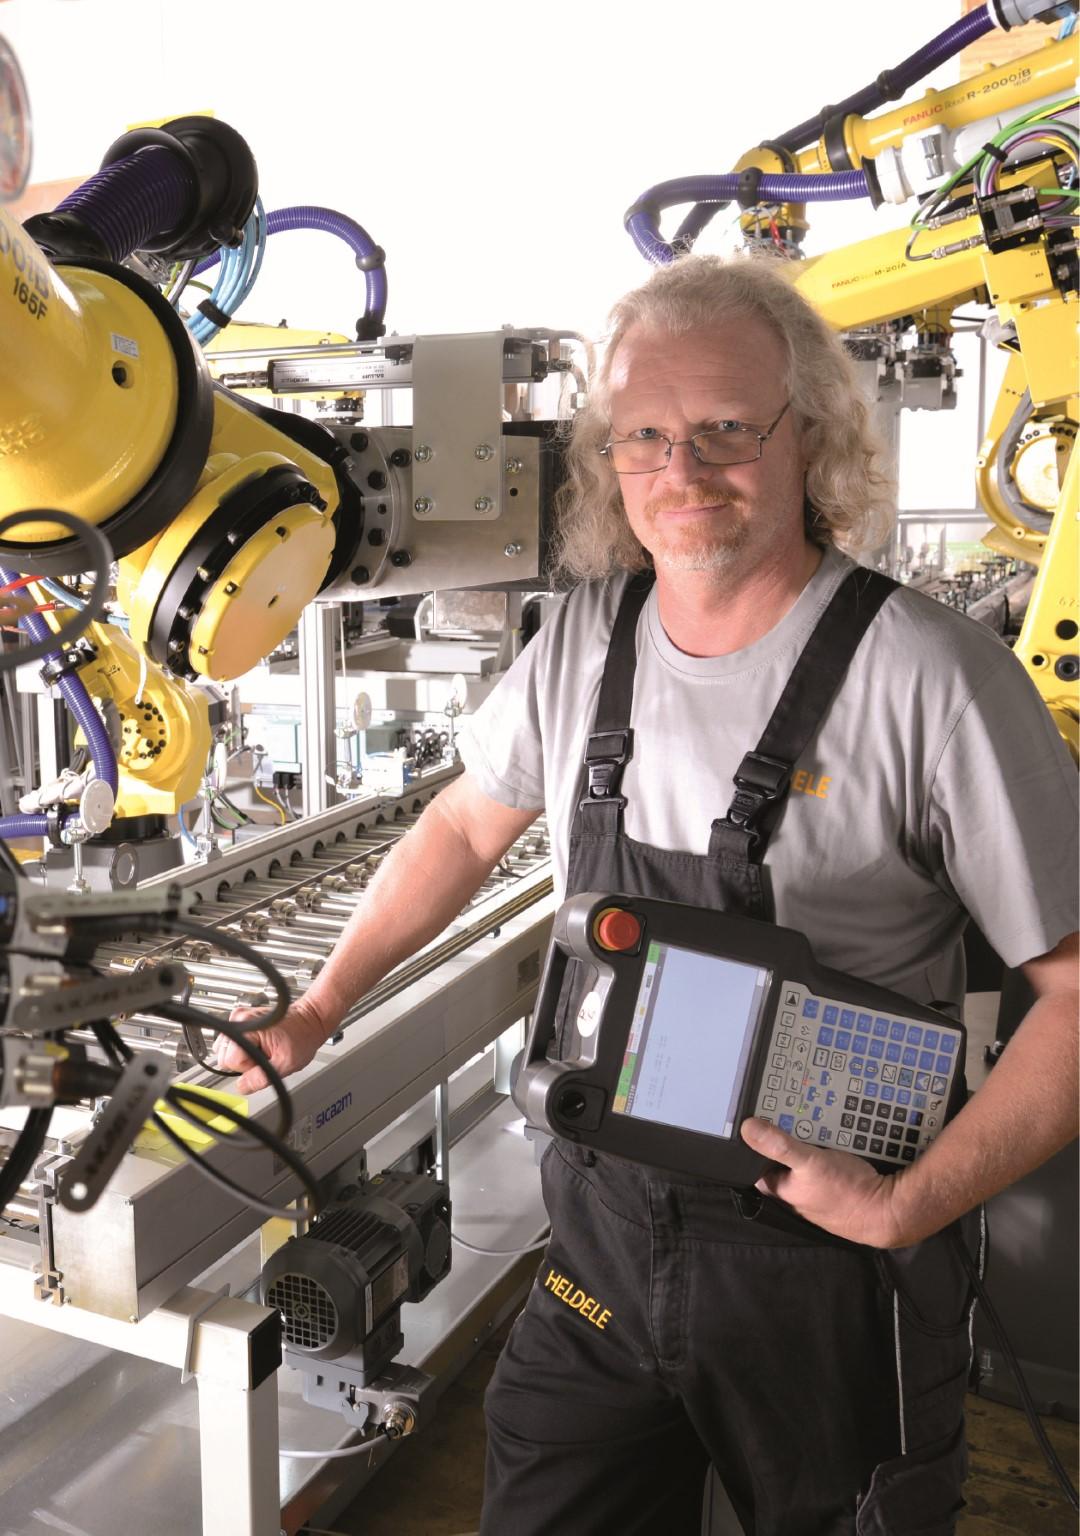 Roboterprogrammierung: Mehr Produktivität, Wirtschaftlichkeit und Qualität - Potentiale von Industrieroboter nutzen